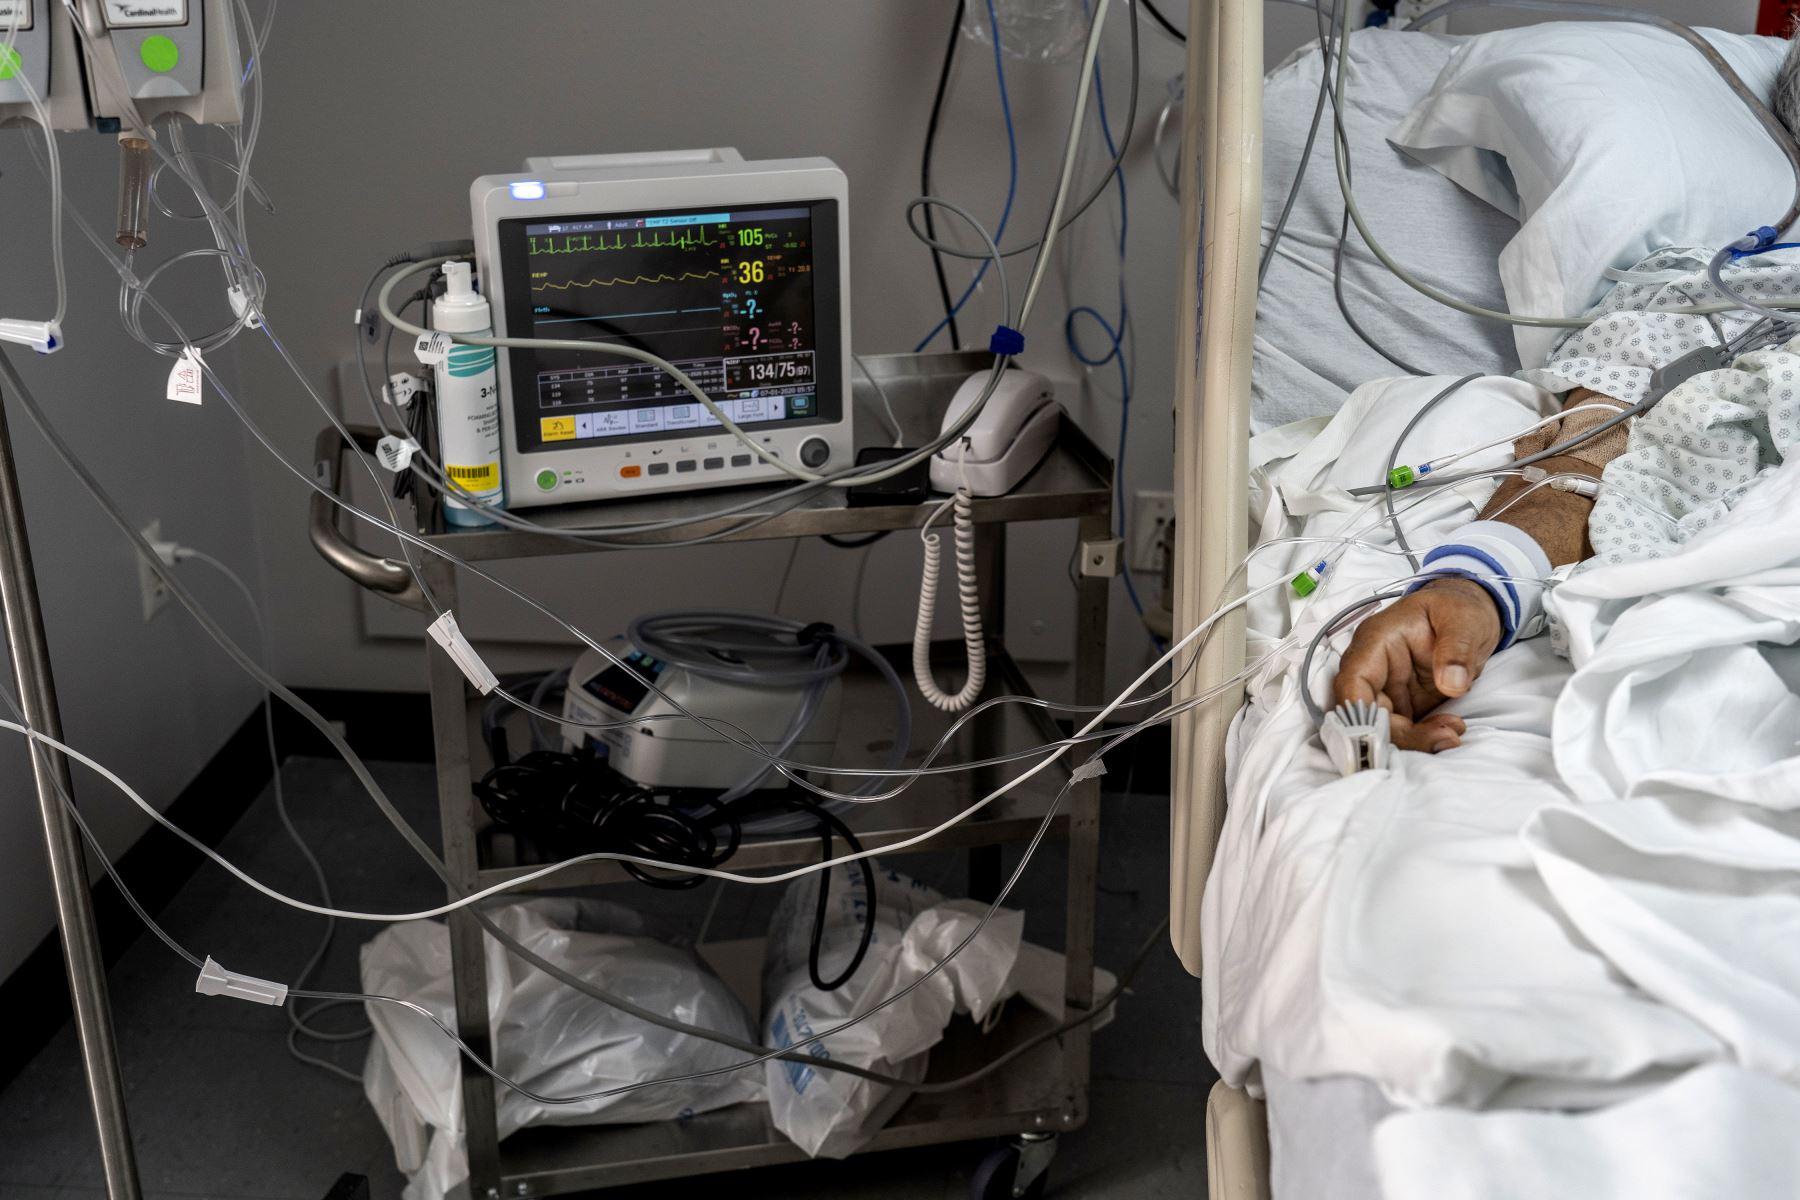 Un paciente yace en la cama conectado al equipo médico en la unidad de cuidados intensivos por covid-19 en el United Memorial Medical Center en Houston, Texas. Foto: AFP